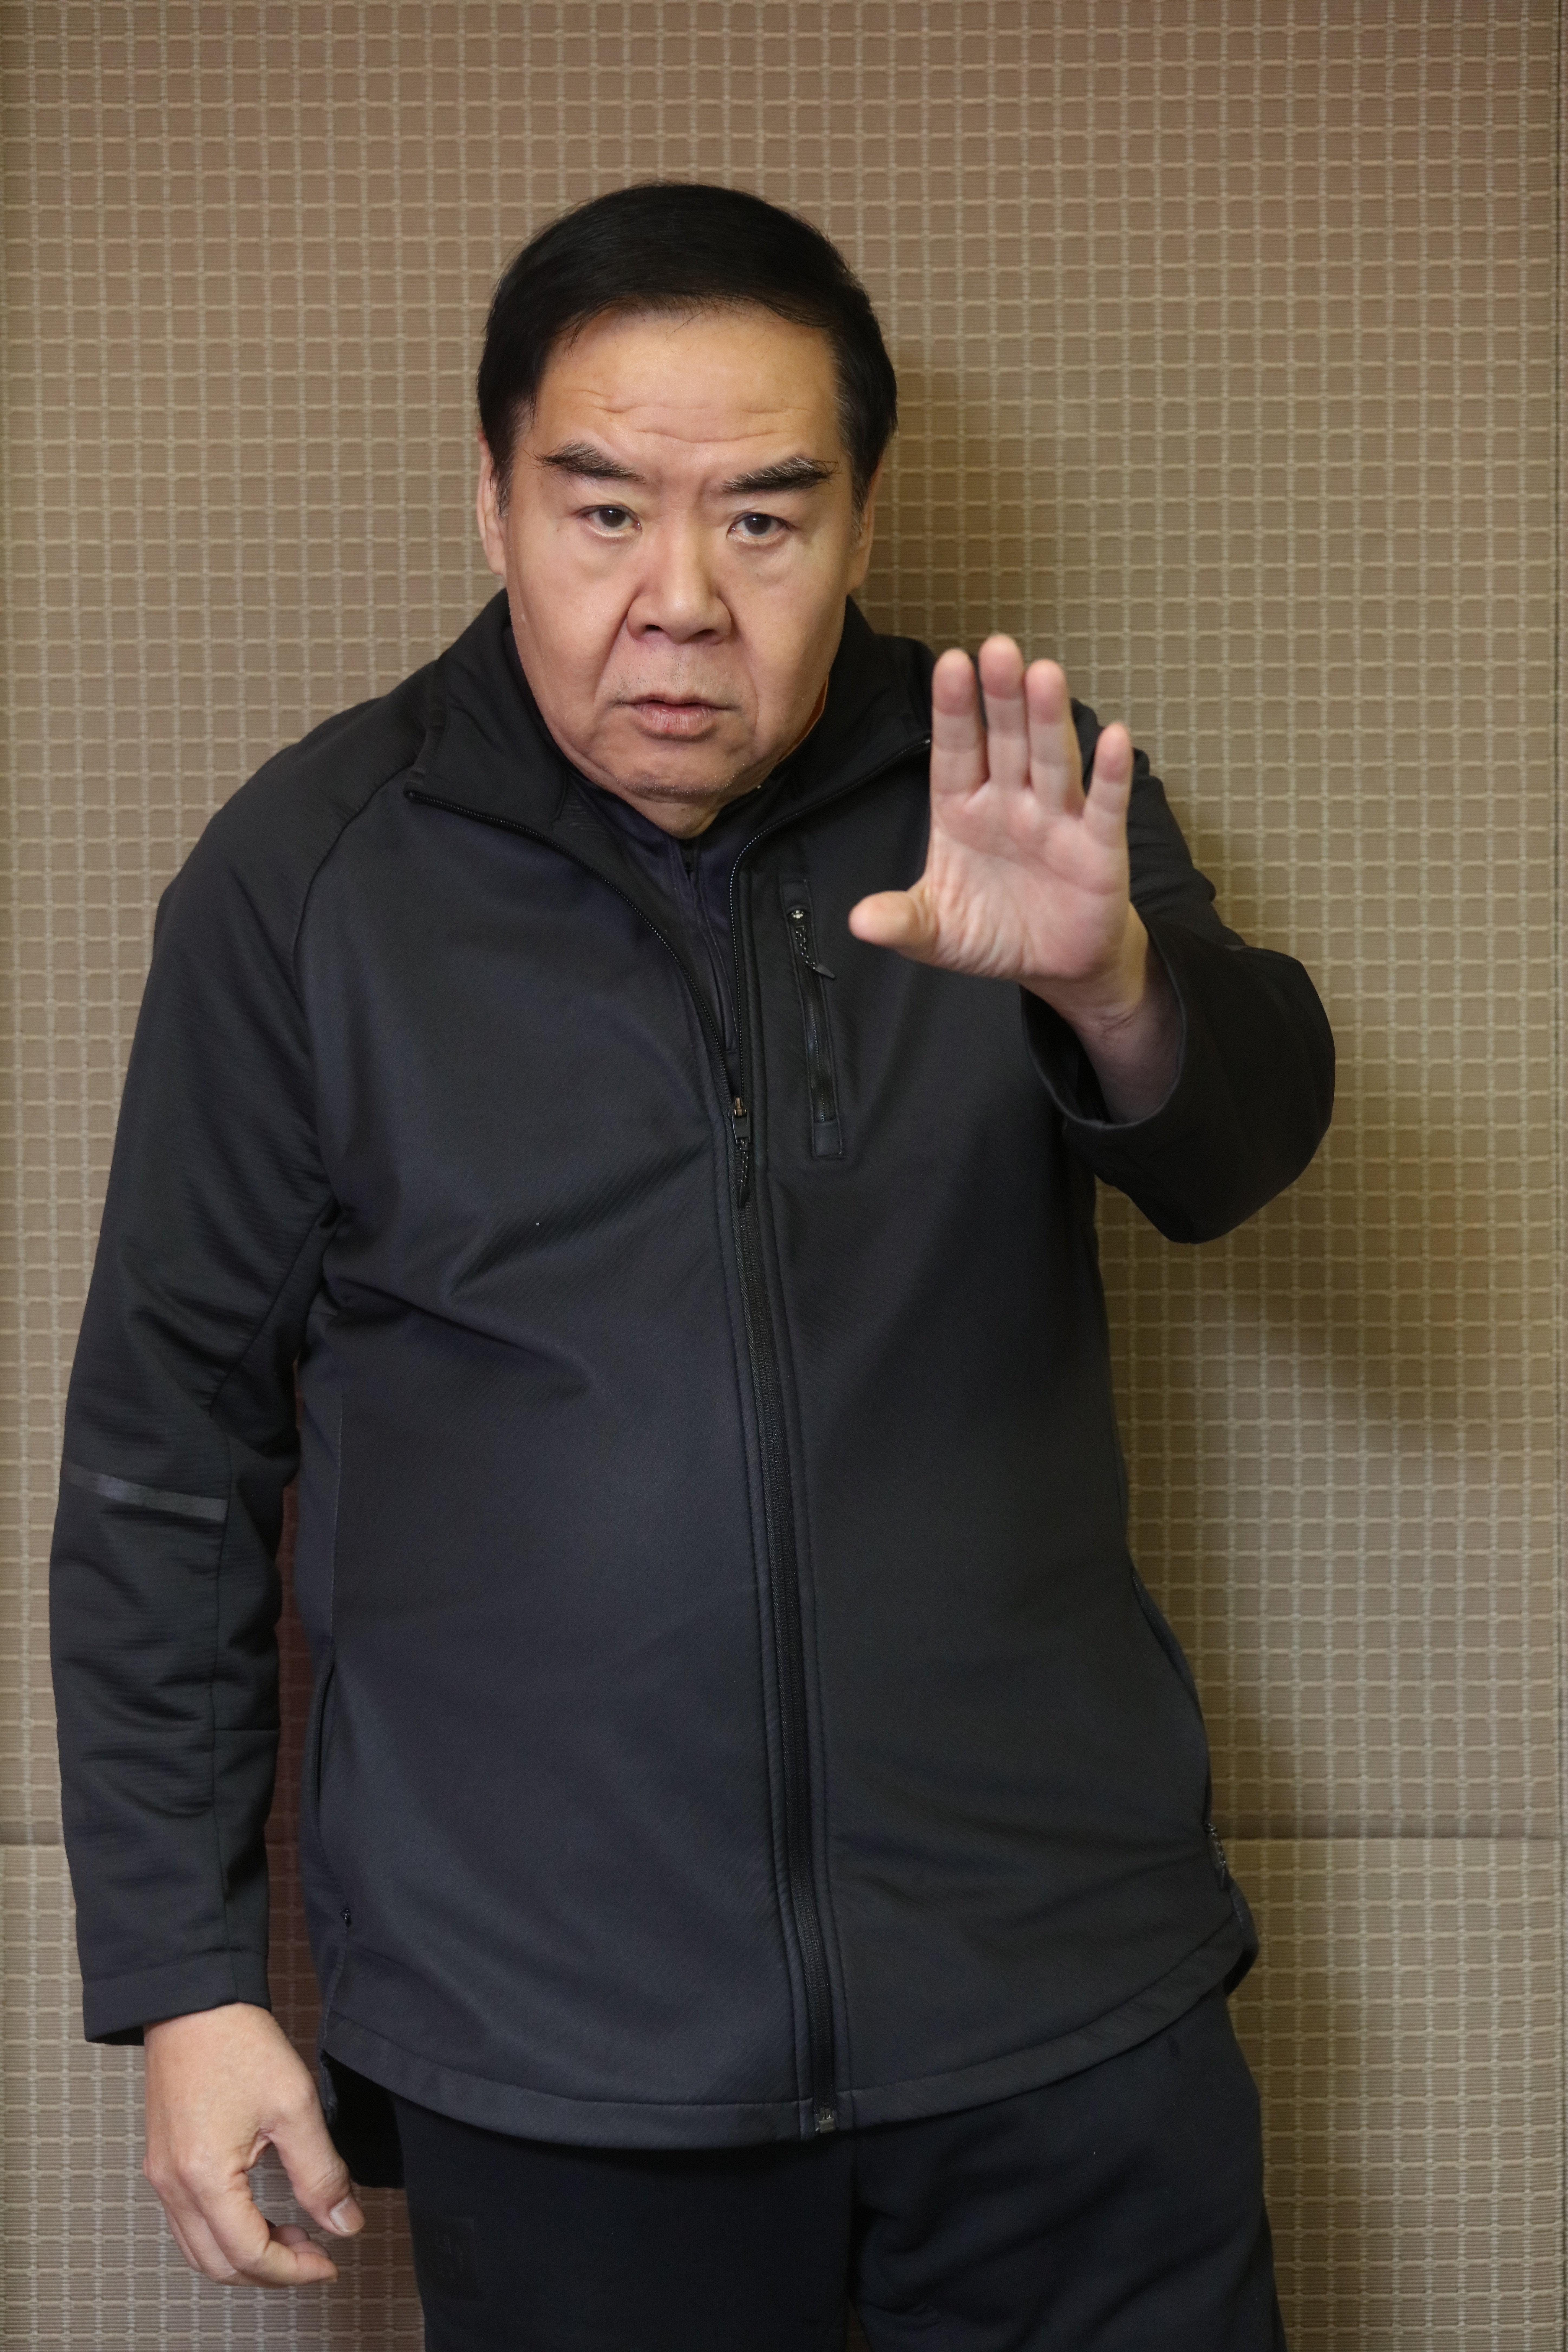 鄭則仕喜歡在港拍劇,可以令更多香港人知道自己依然存在娛樂圈。